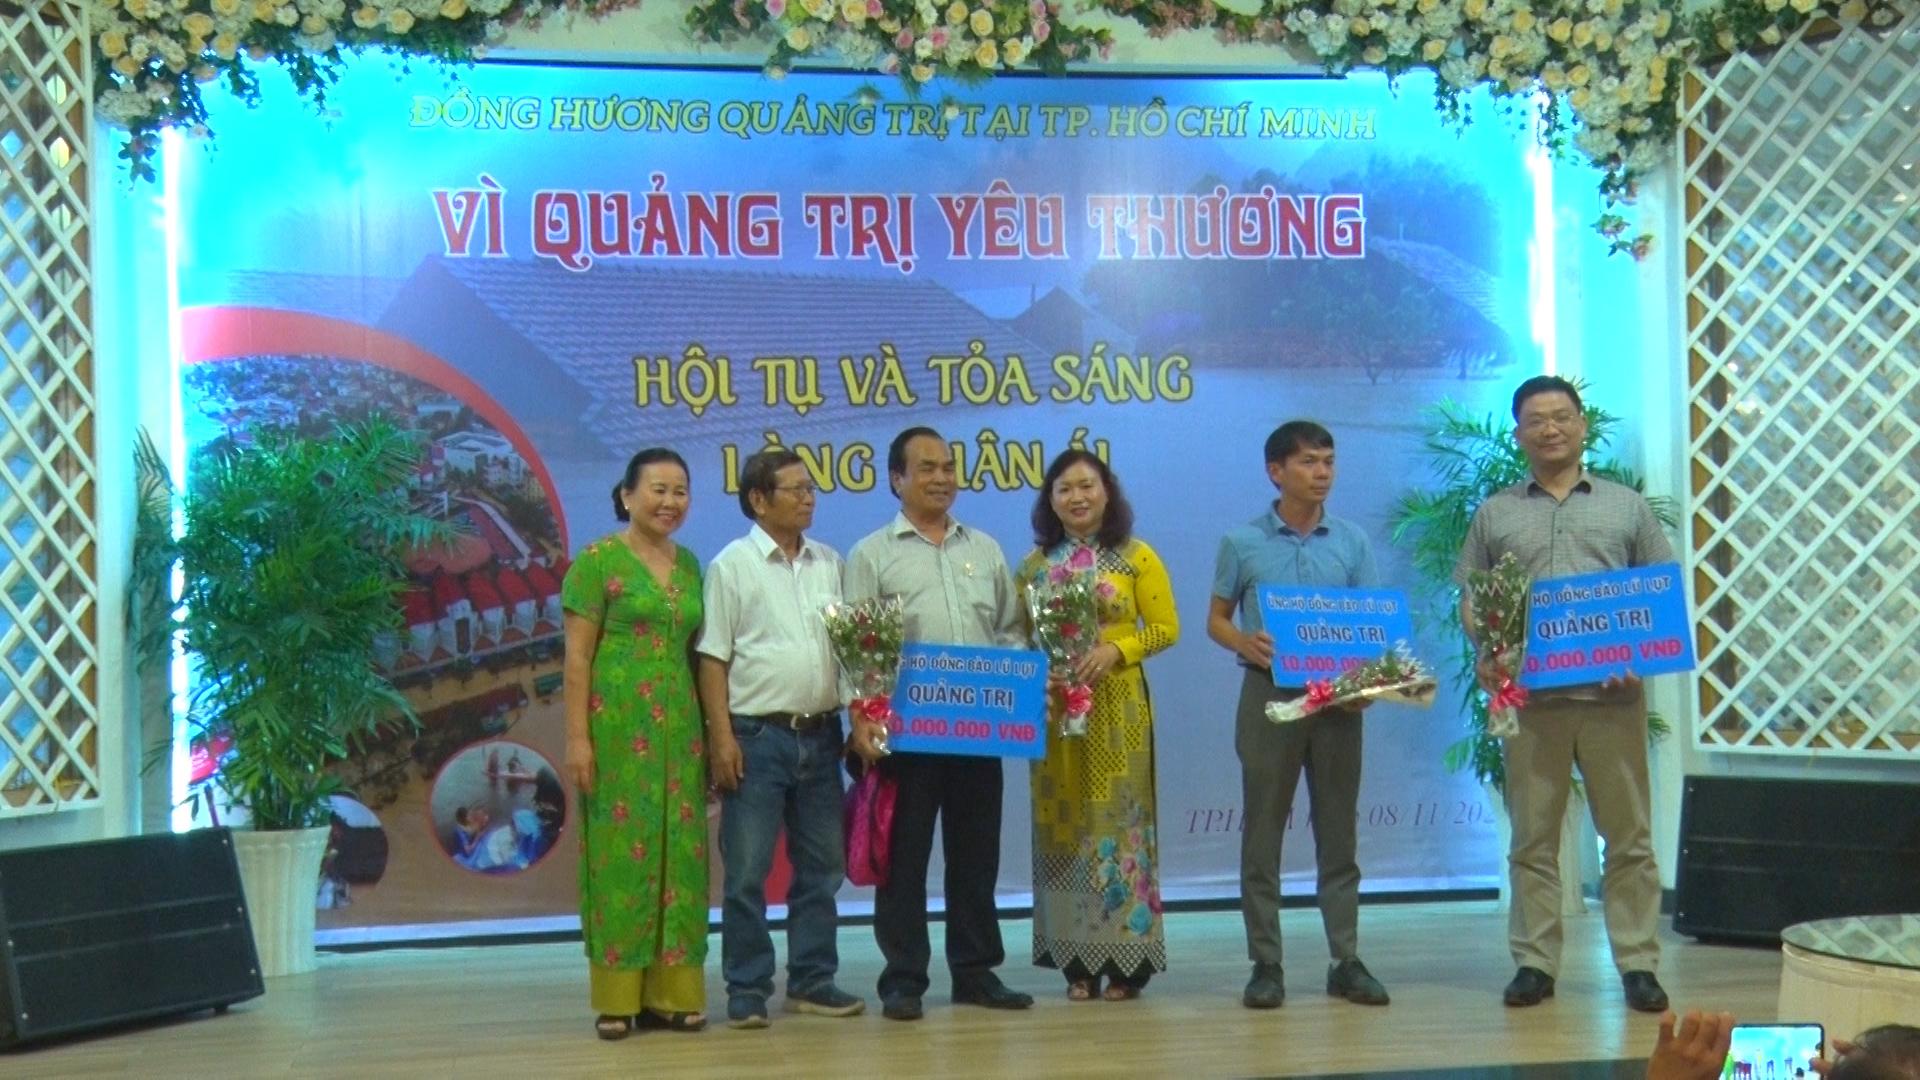 Nhiều tổ chức, cá nhân quyên góp ủng hộ quê hương Quảng Trị khắc phục hậu quả lũ lụt -Ảnh: T.H